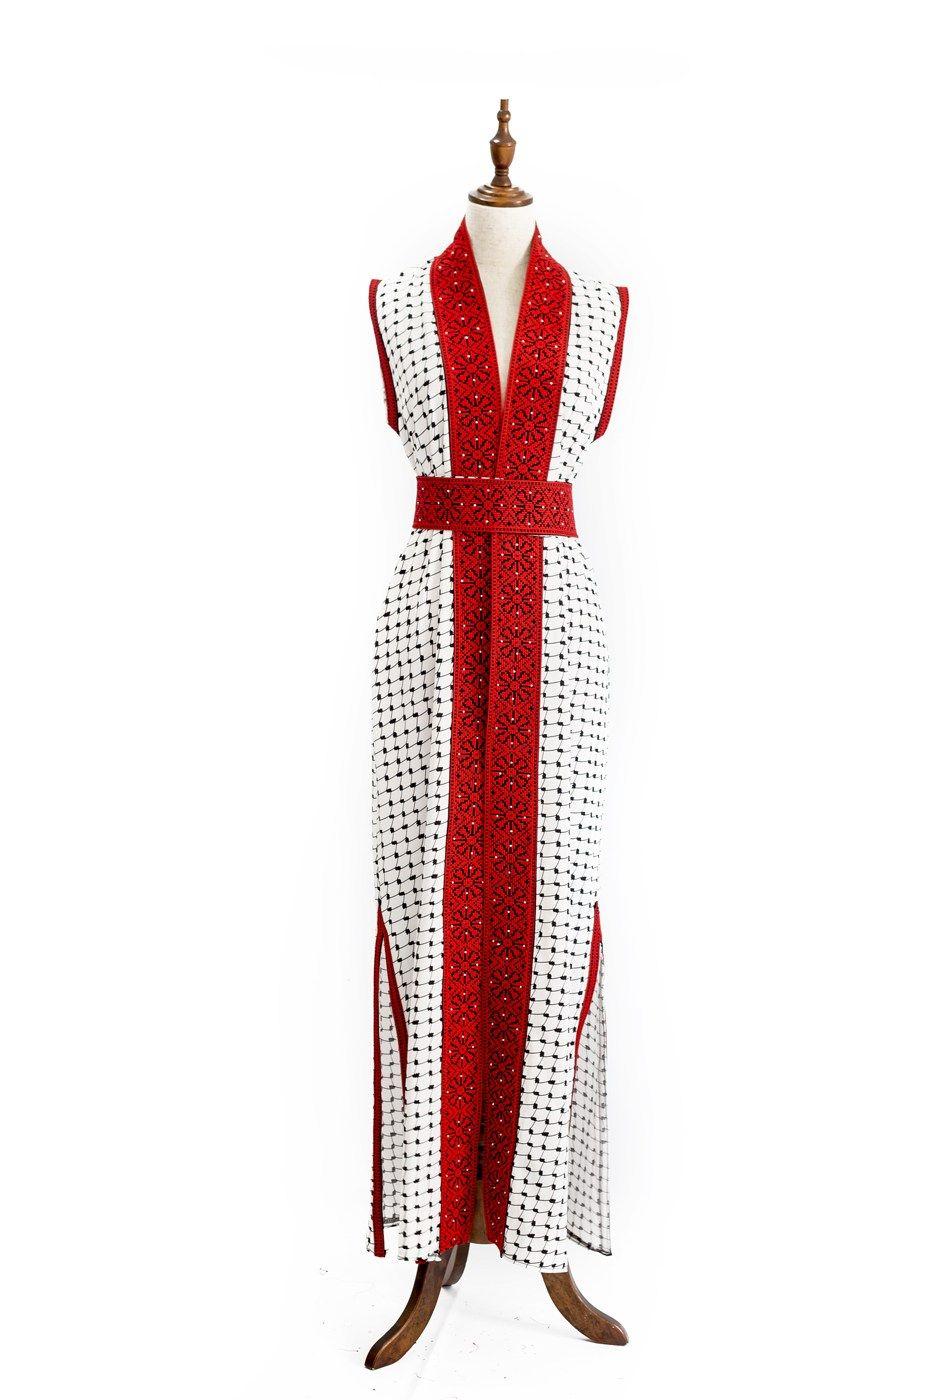 بشت كوفية مطرز متجر السندس Fashion Dresses Wrap Dress